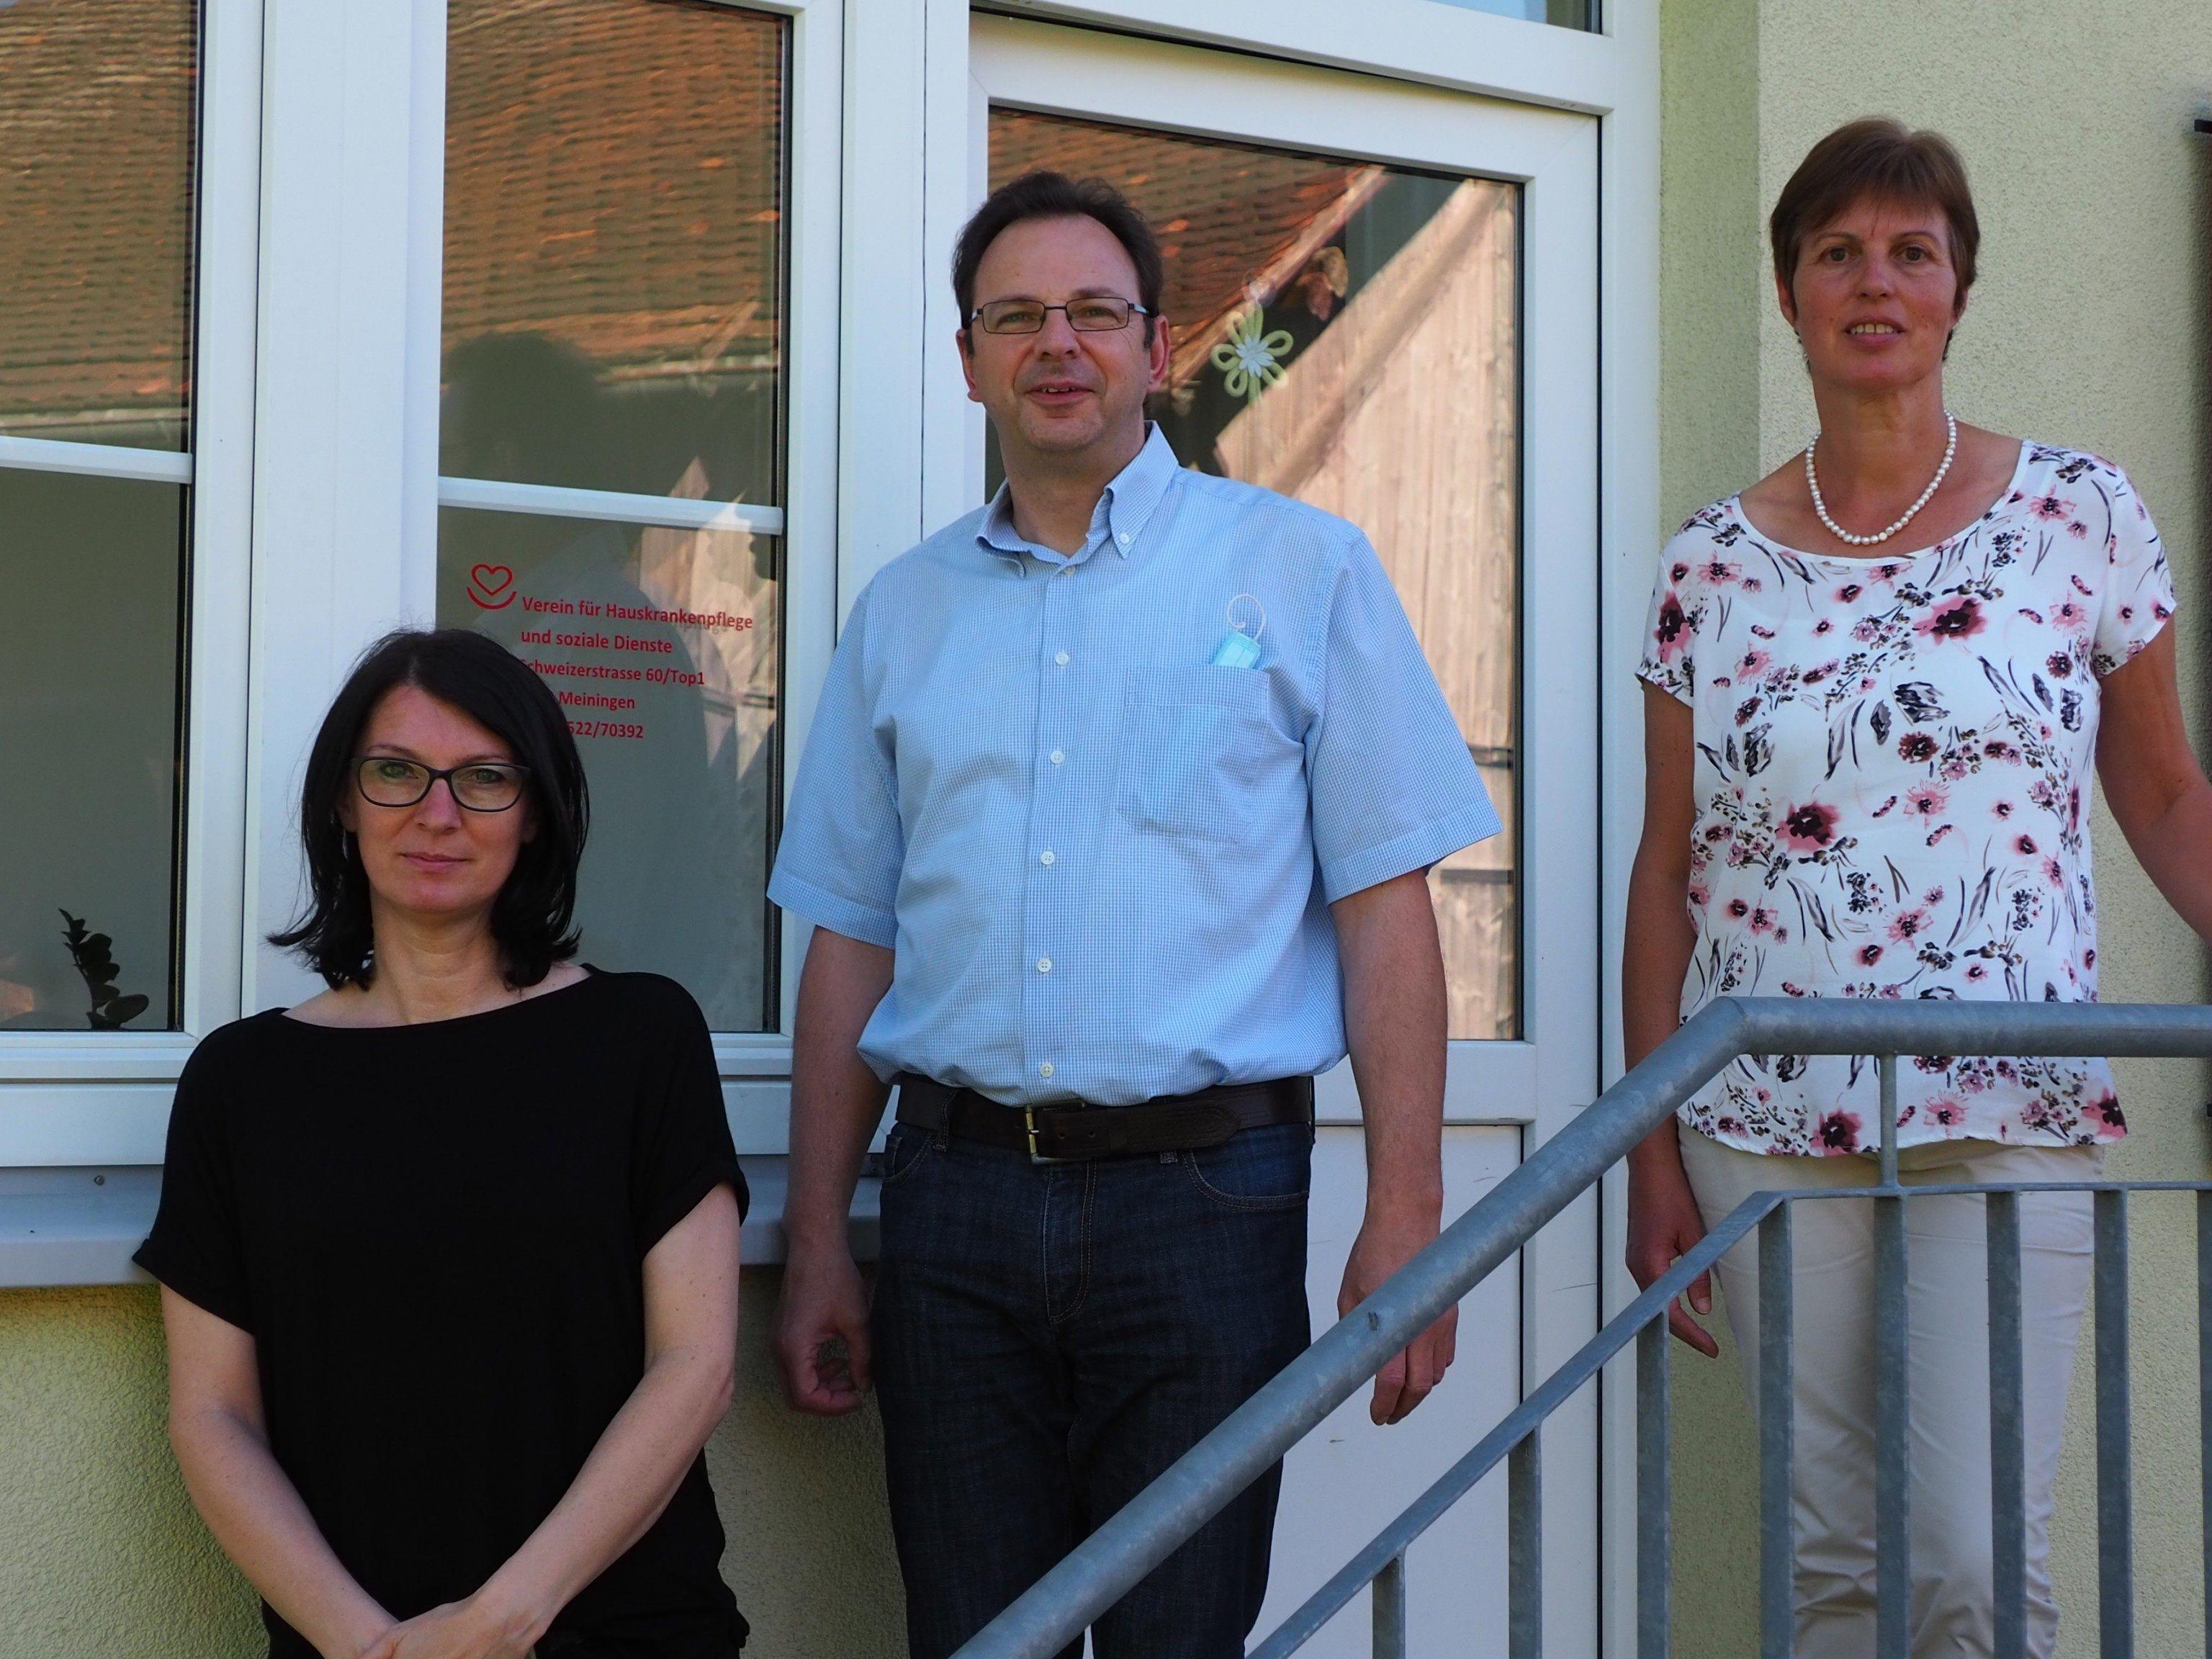 Partnersuche 50+ Schmalkalden | Frauen & Mnner